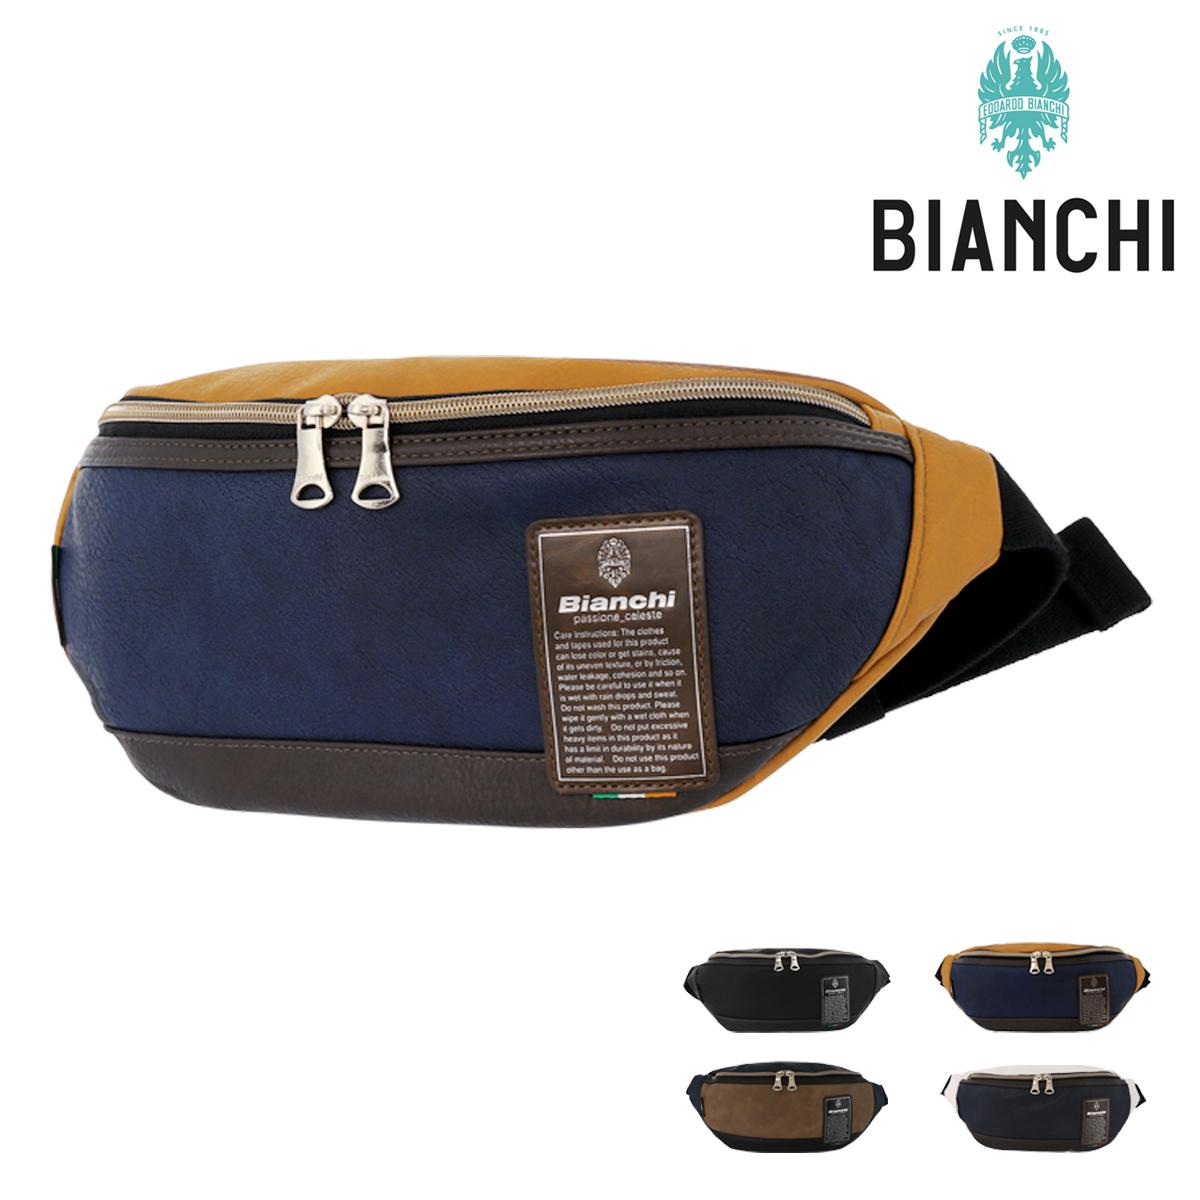 ビアンキ ウエストポーチ マエストシータ メンズ TBPI16 Bianchi | ウエストバッグ ボディバッグ [PO10][bef]